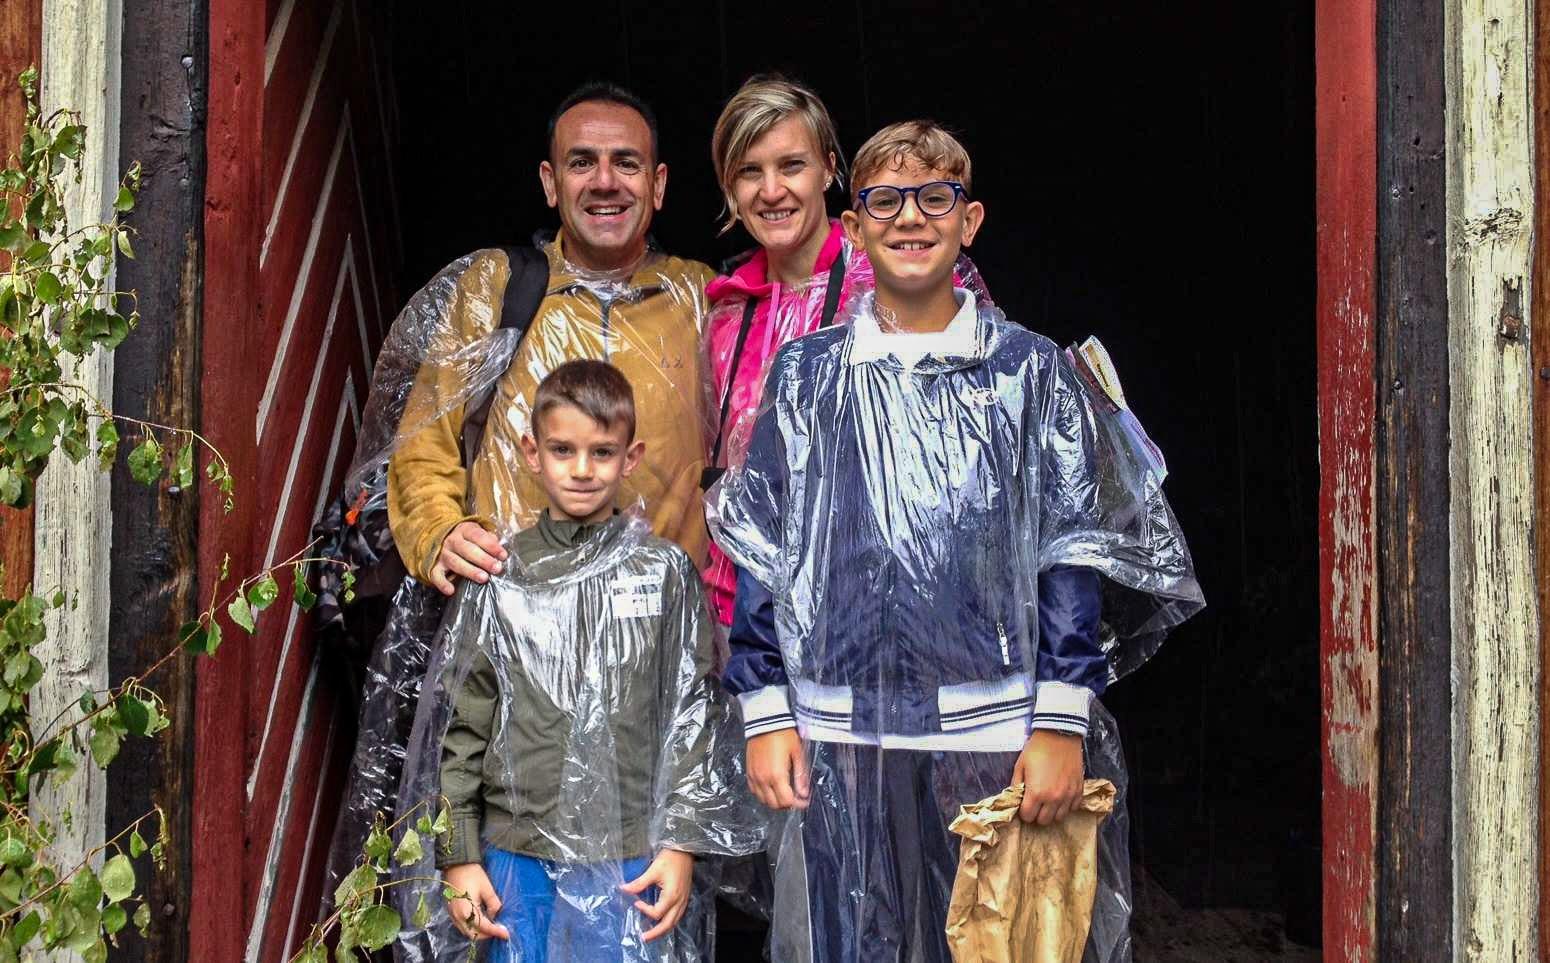 Scandikidstours-visite-guidée-enfants-famille-15-min